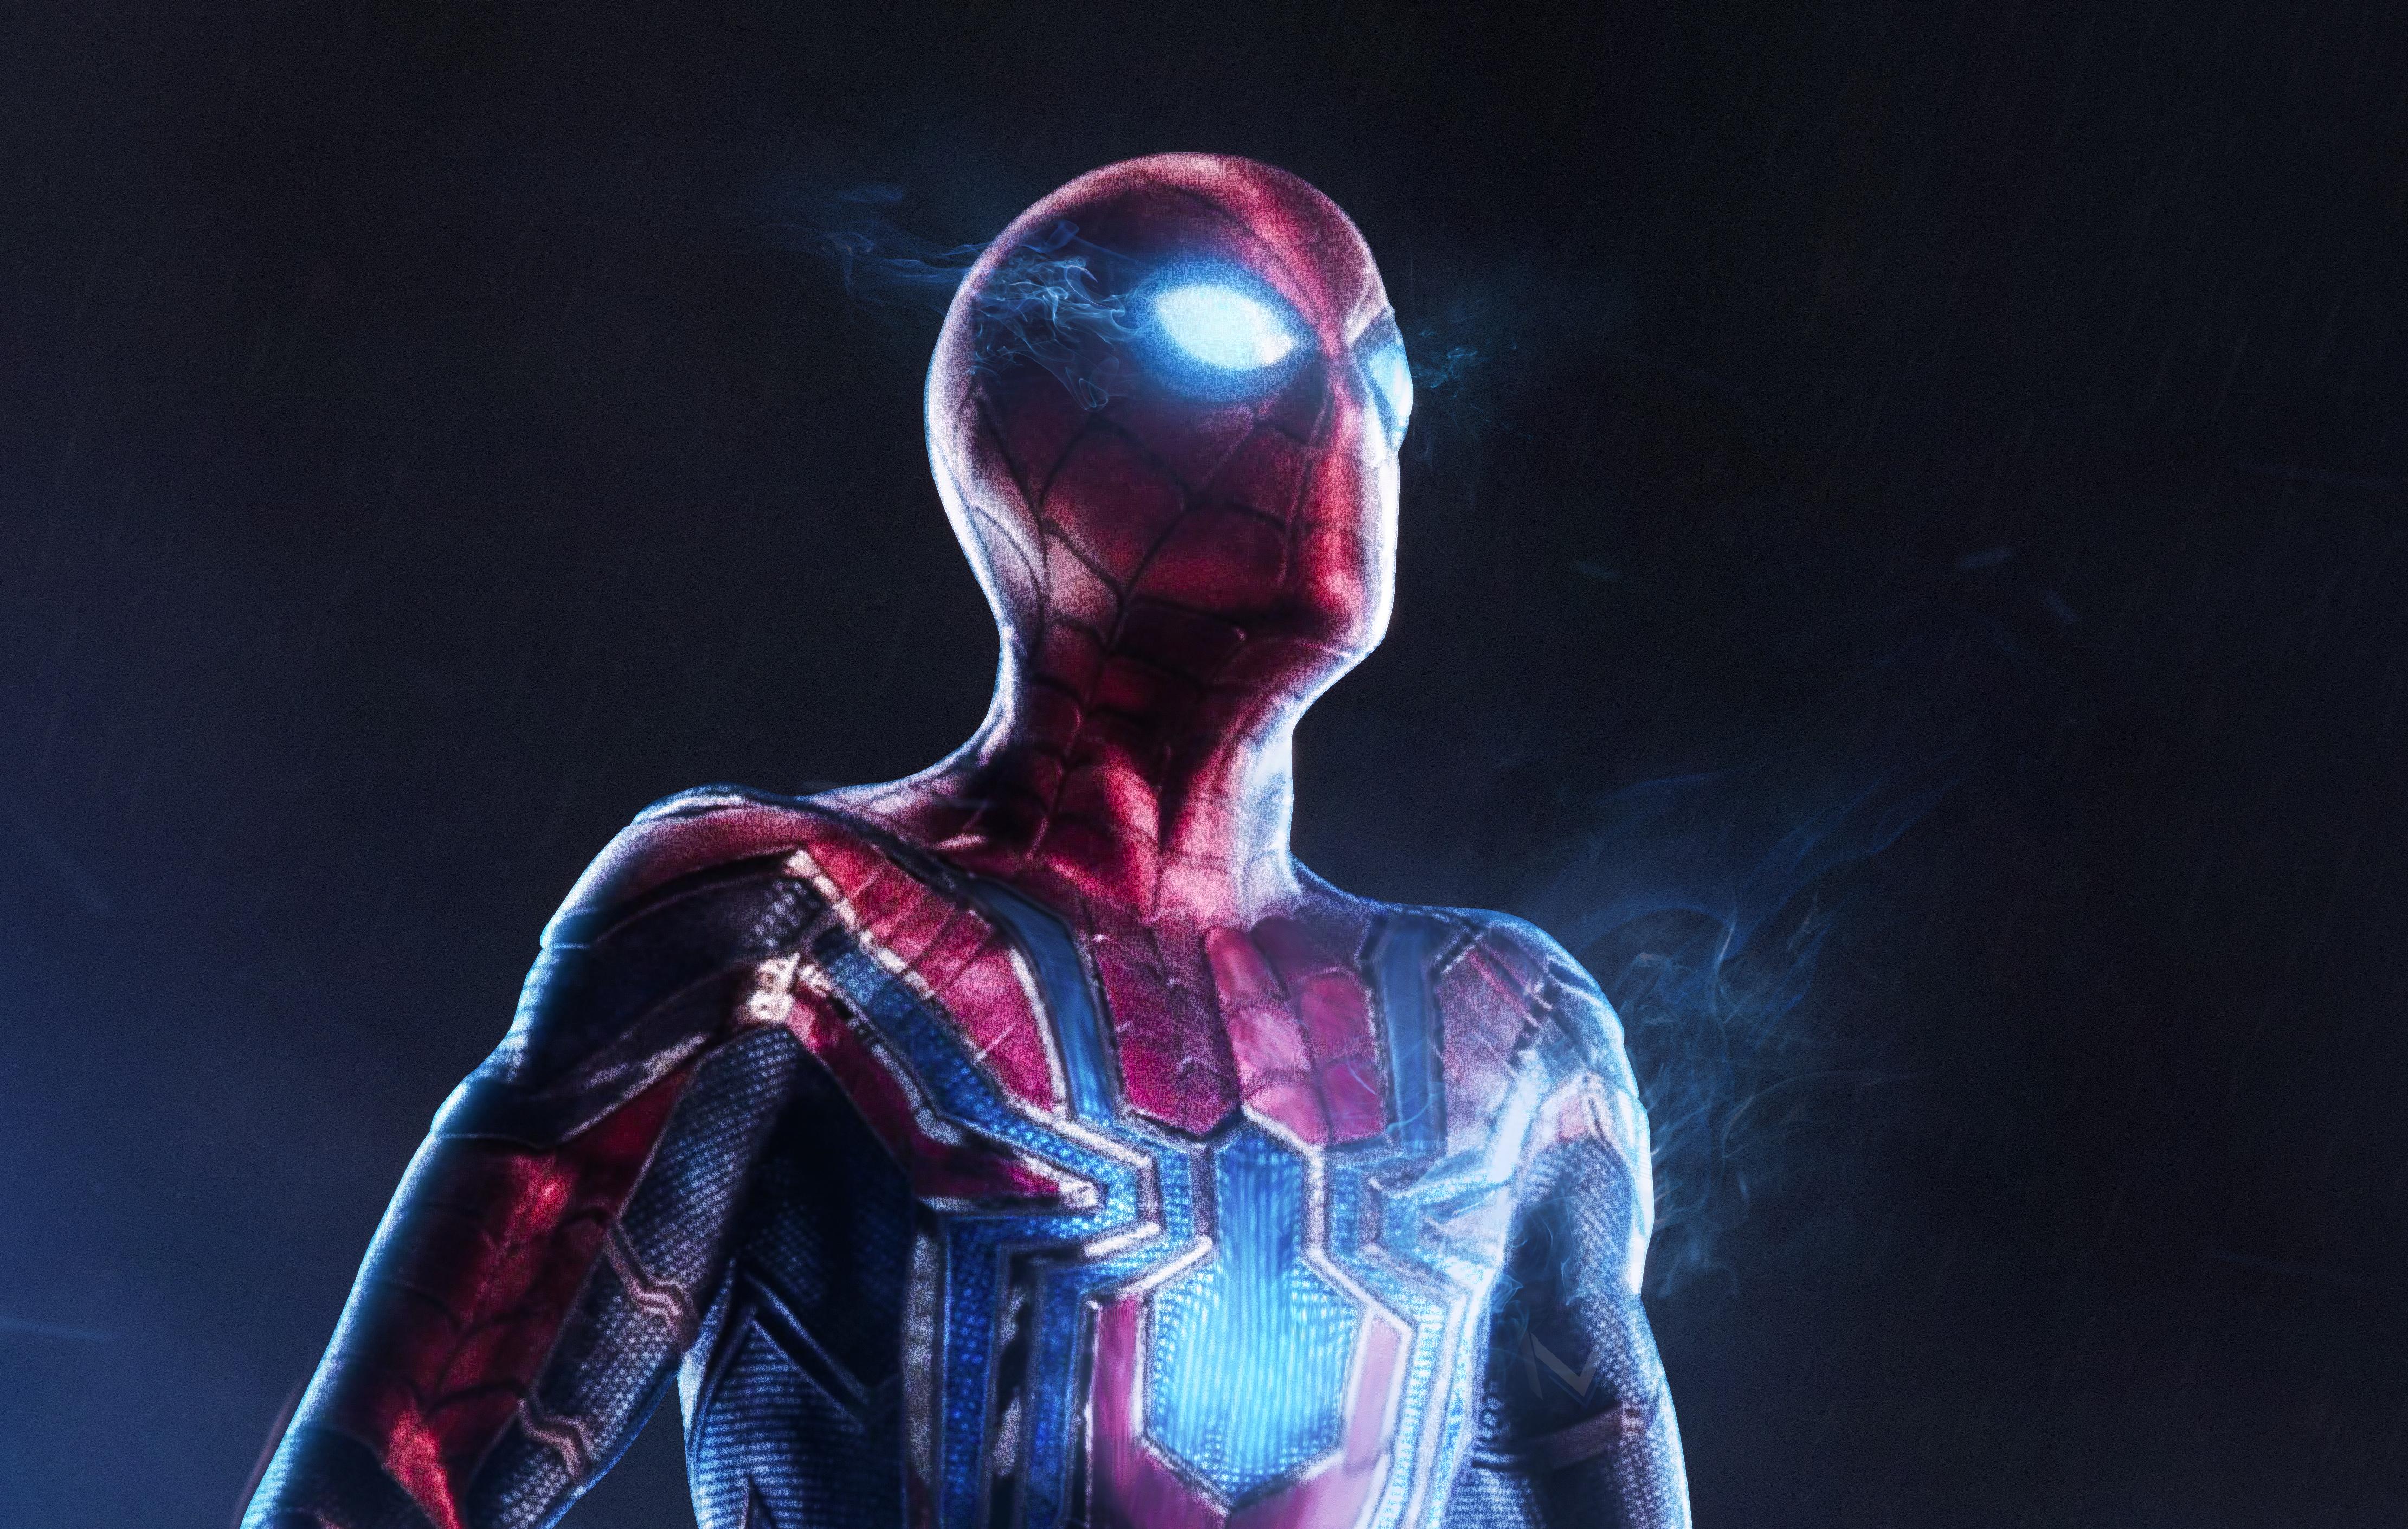 Iron Spider 4k Ultra Hd Wallpaper Hintergrund 4442x2820